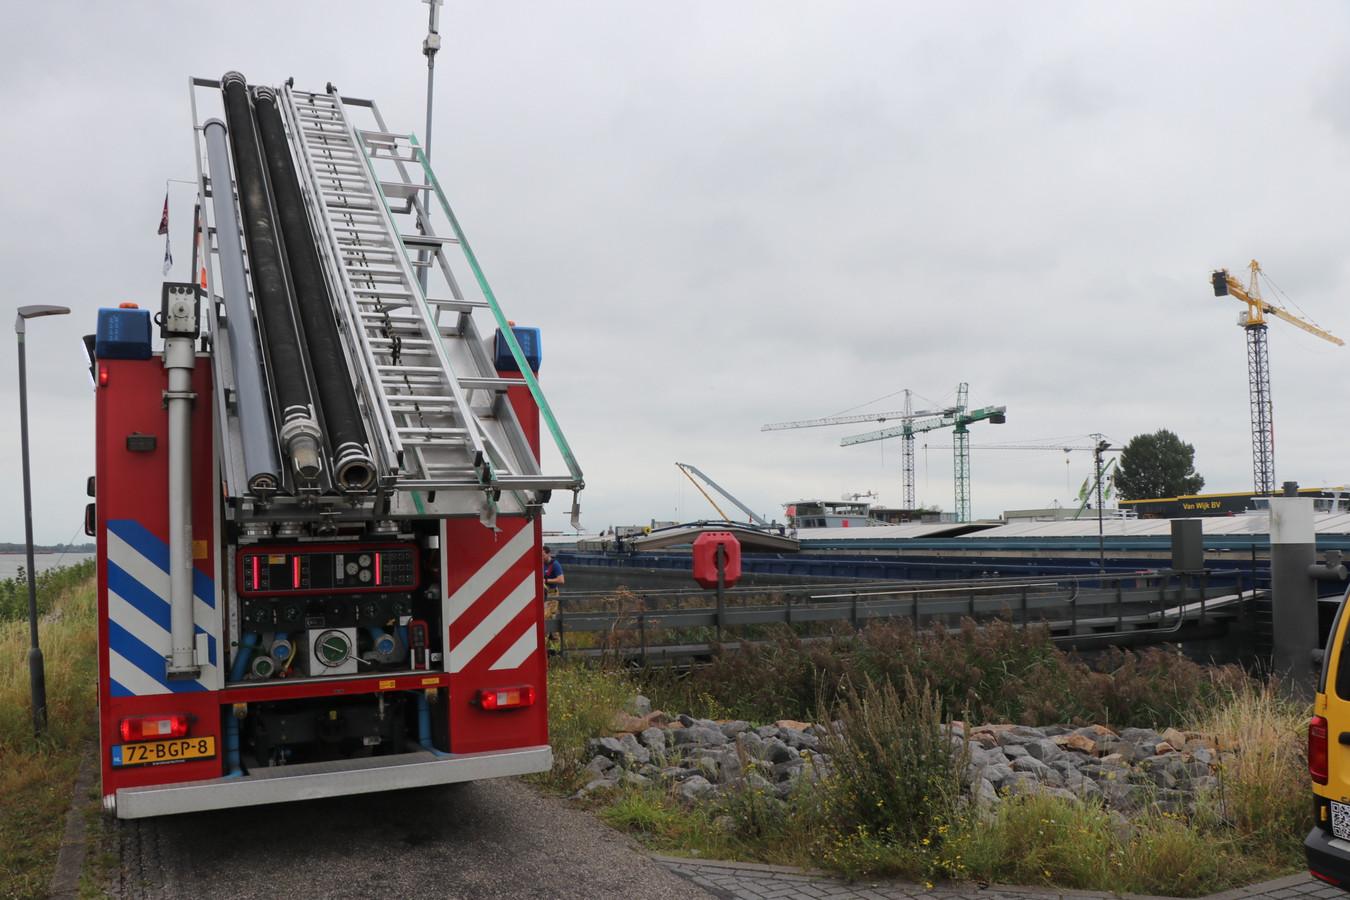 Een man viel in het ruim van een schip in de Beatrixhaven in Werkendam. Hij raakte hierbij gewond.